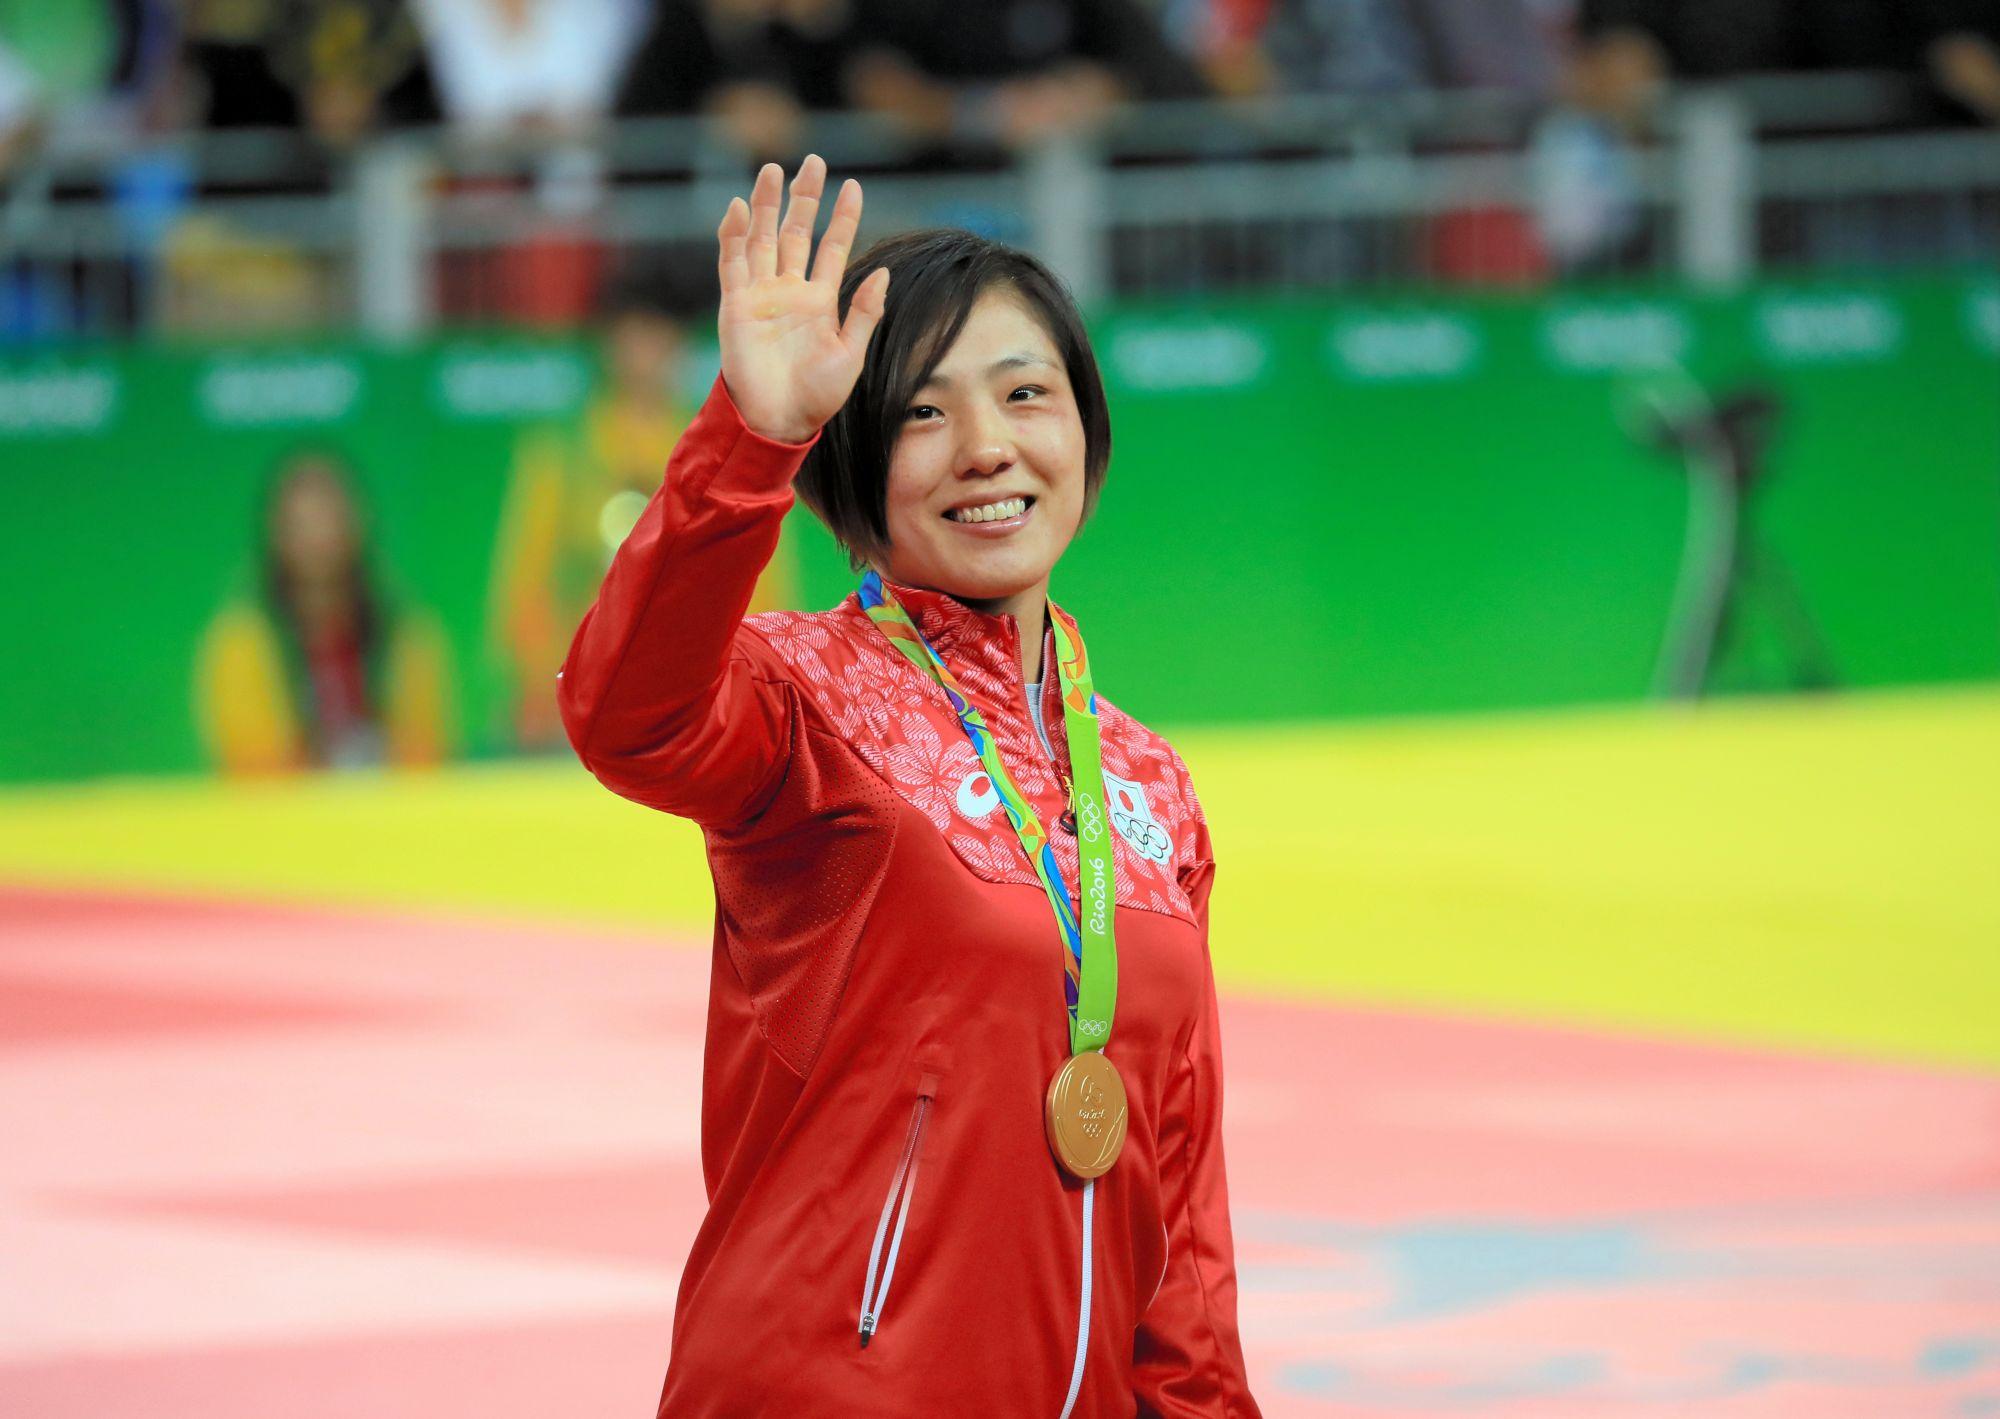 田知本遥が金メダル リオオリンピック2016:朝日新聞デジタル